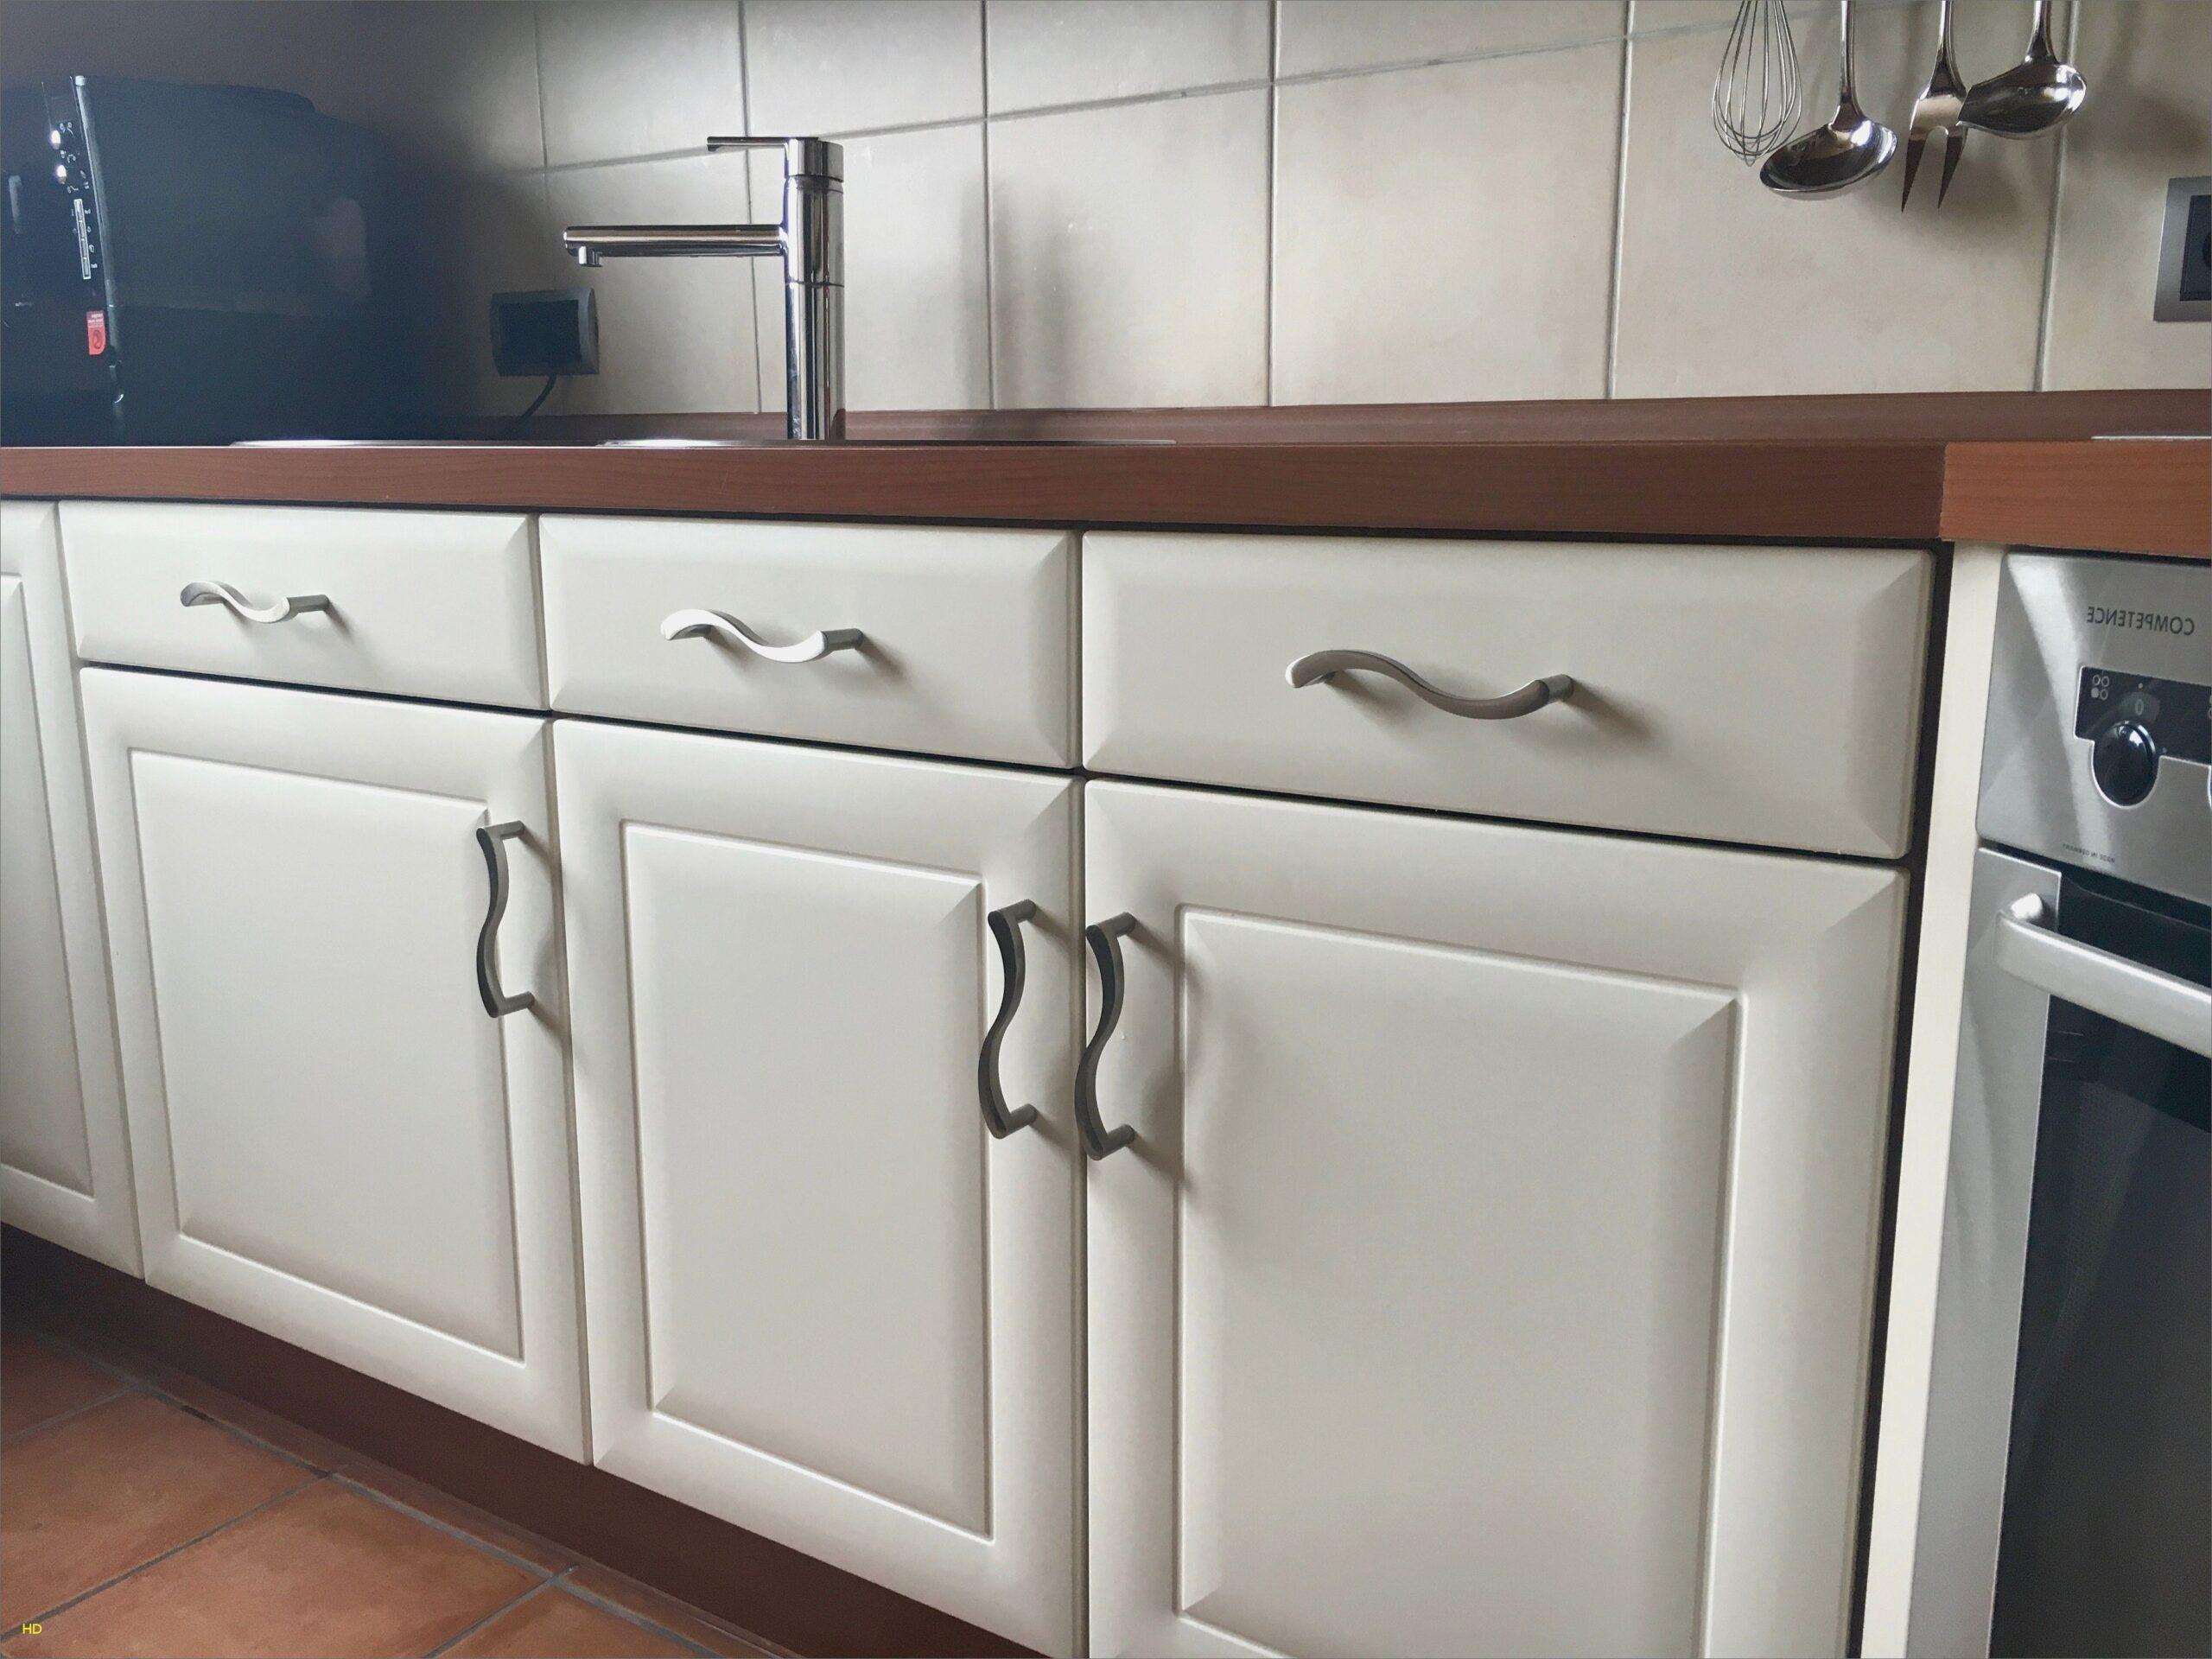 Full Size of Küchen Roller Kchen Bei Splbecken Unterschrank Nobilia Regal Regale Wohnzimmer Küchen Roller